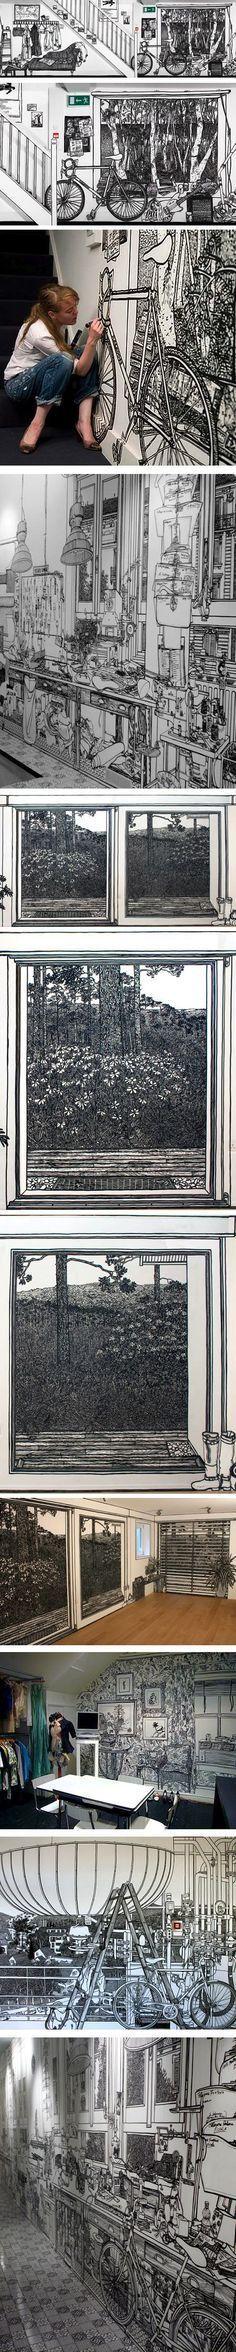 Charlotte Mann, wall drawings in marker